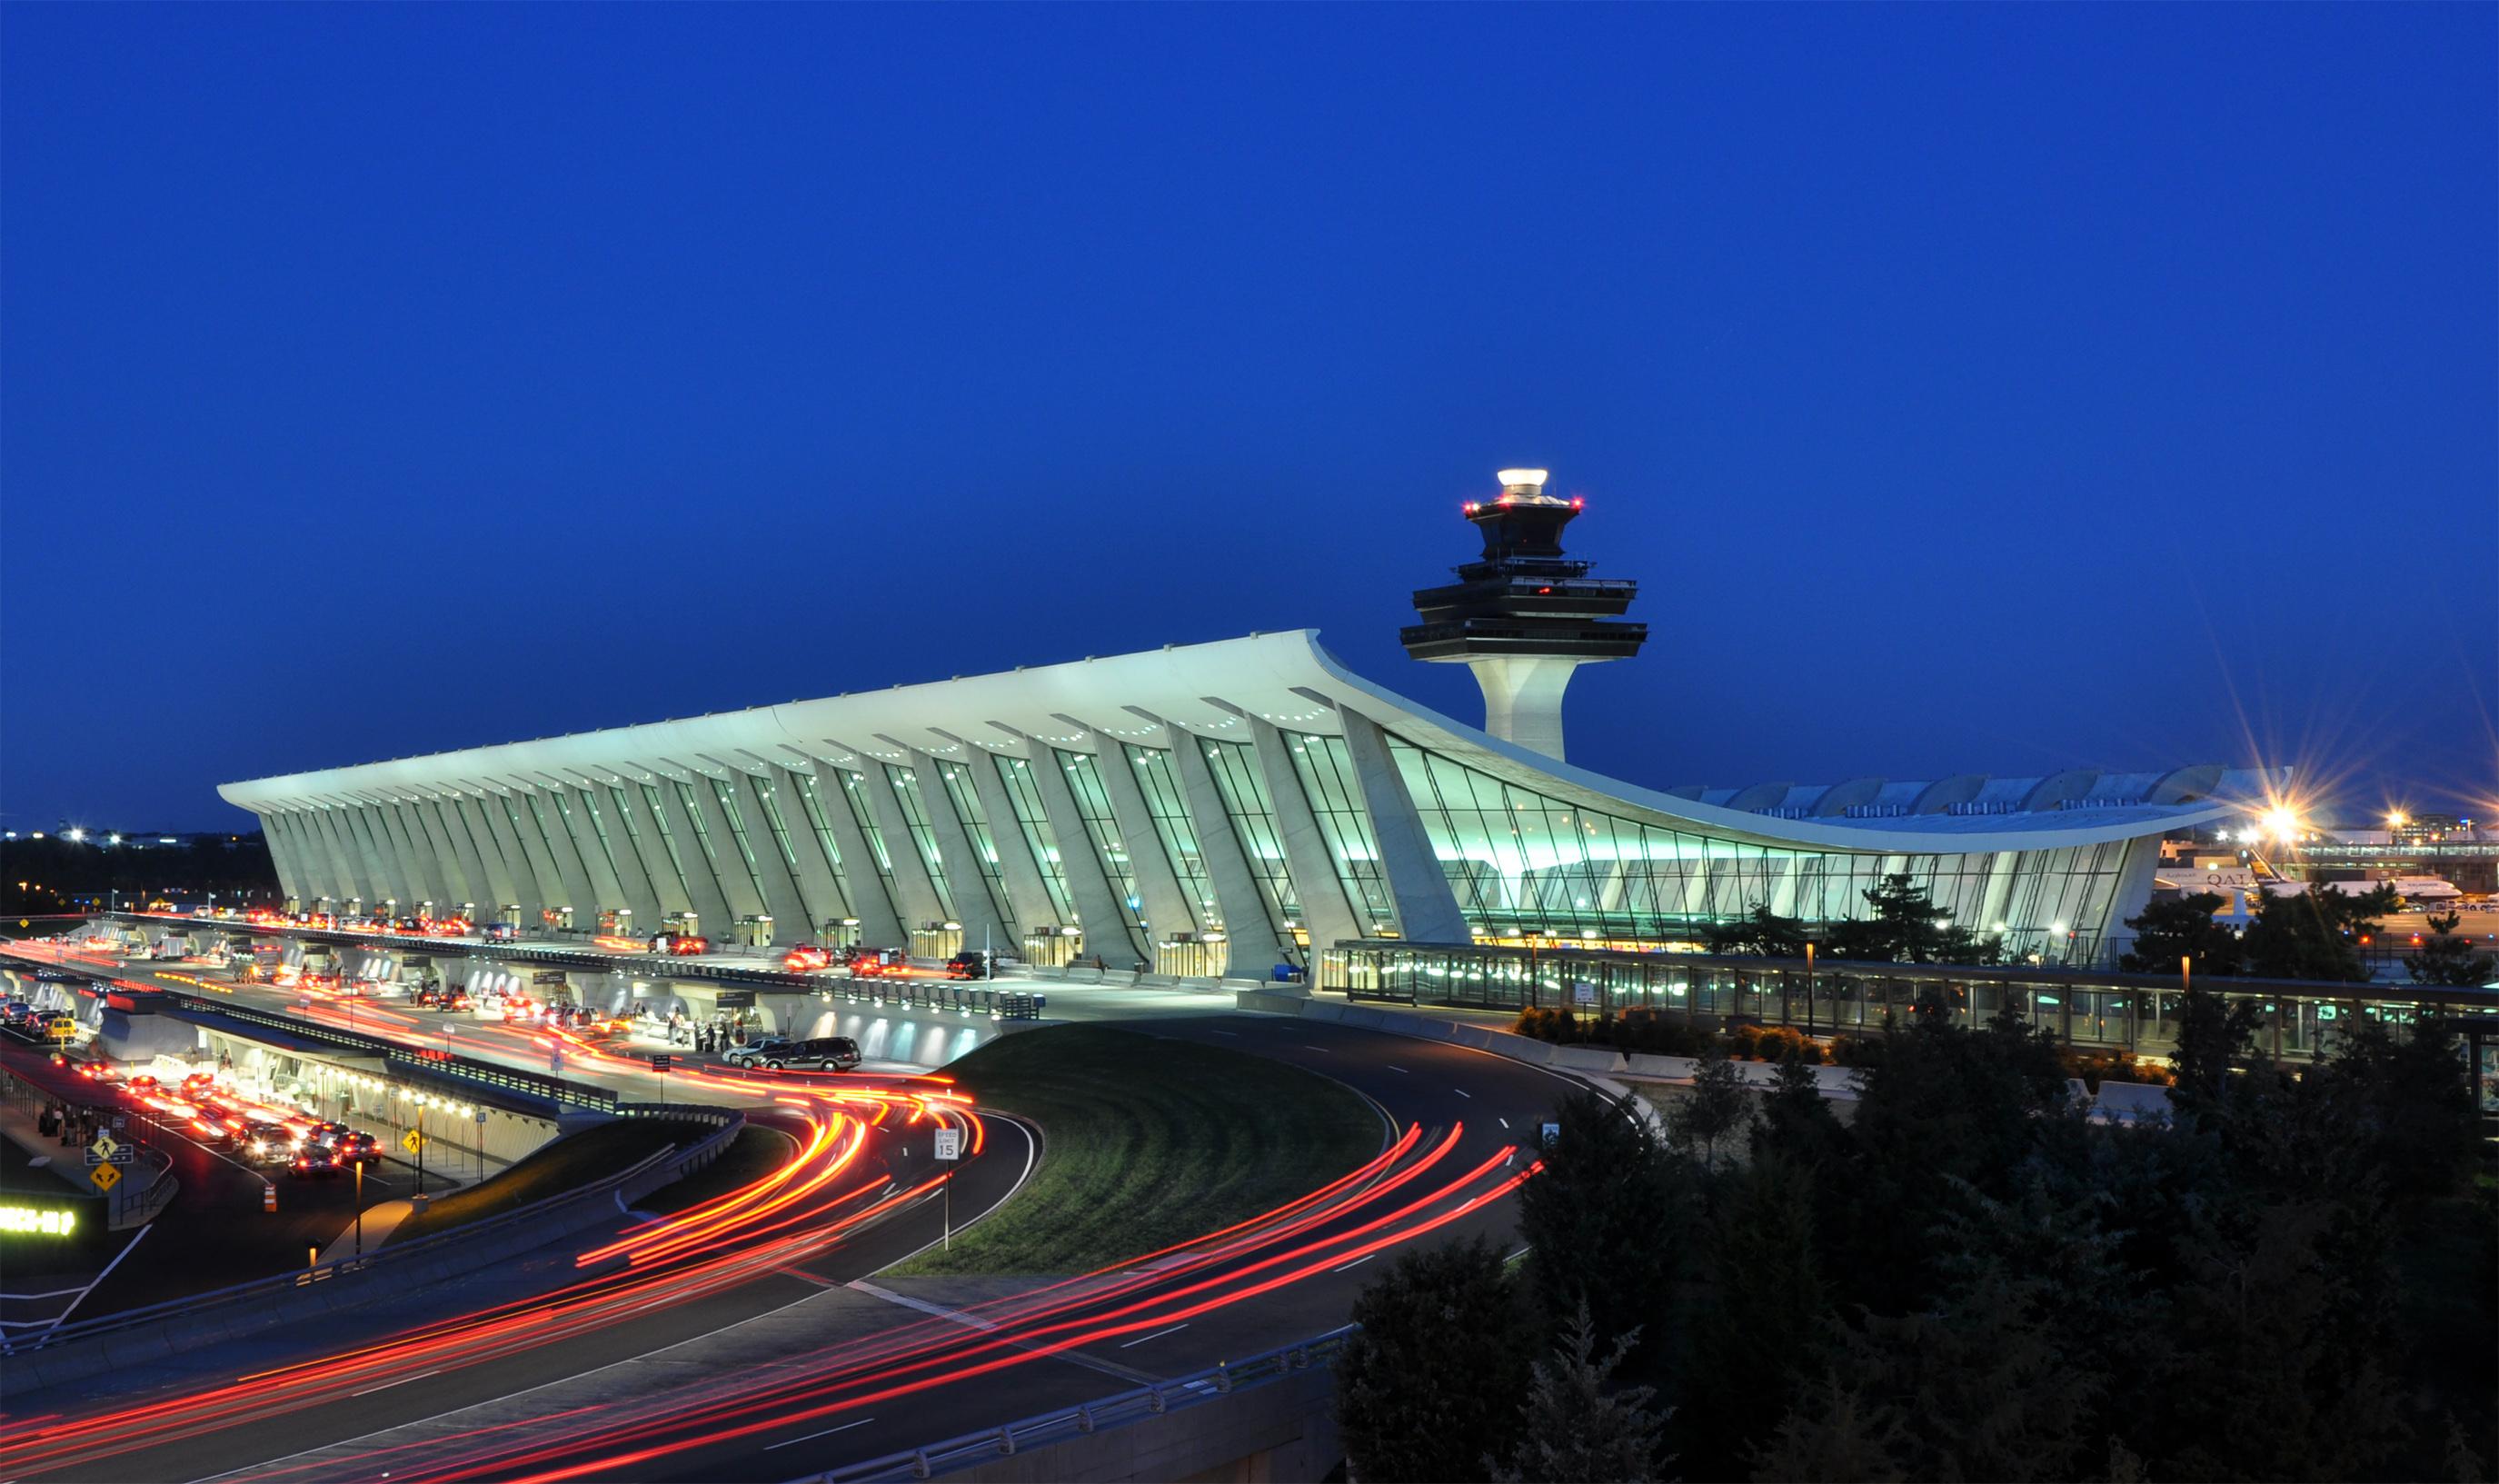 Aeroporto Washington : File washington dulles international airport at dusk g